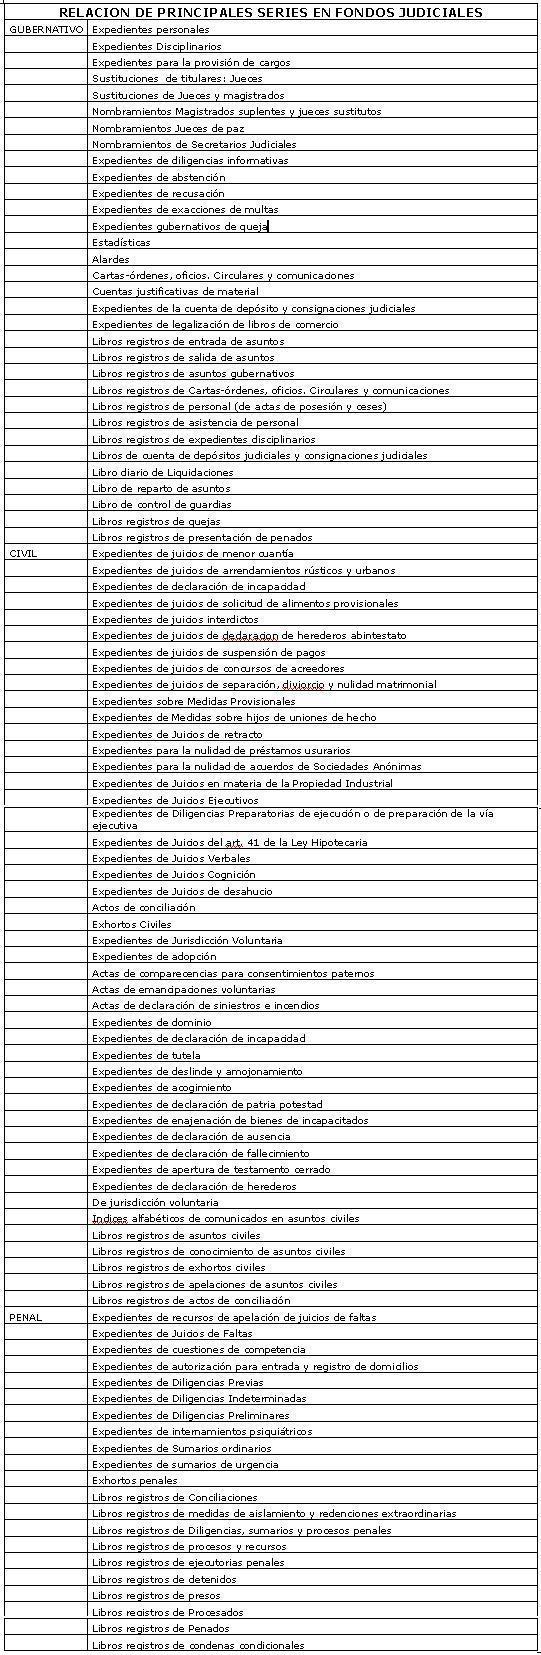 RELACION DE PRINCIPALES SERIES EN FONDOS JUDICIALES